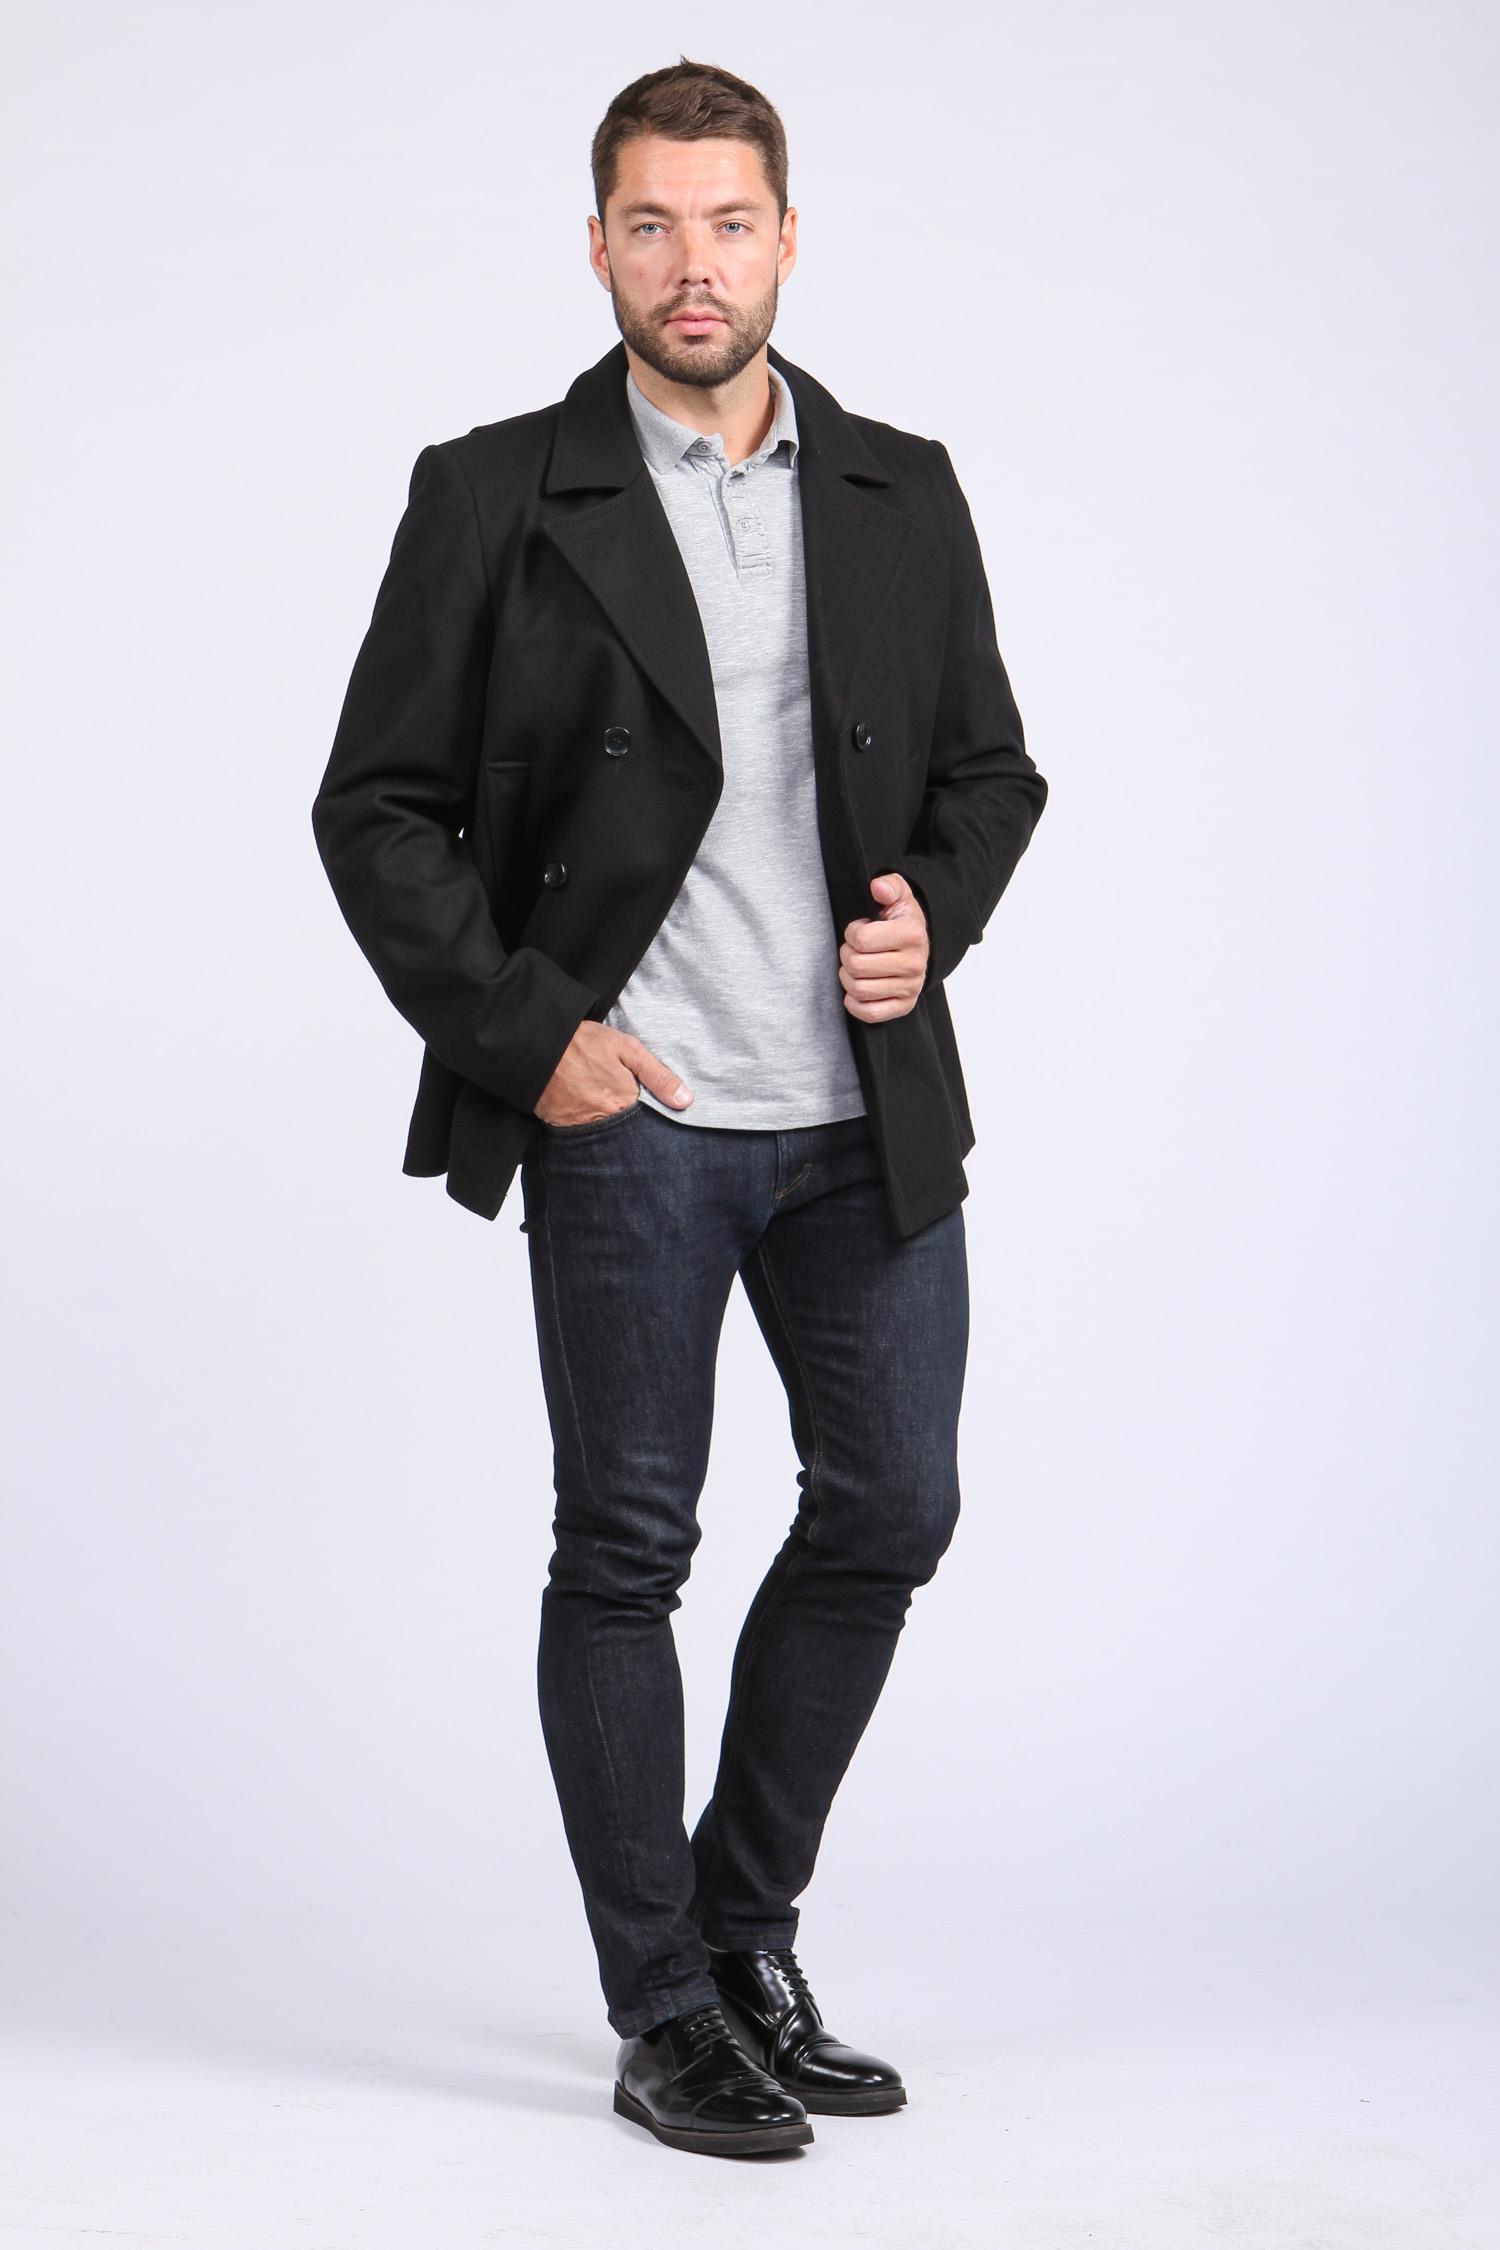 Мужское пальто из текстиля с воротником, без отделки от Московская Меховая Компания